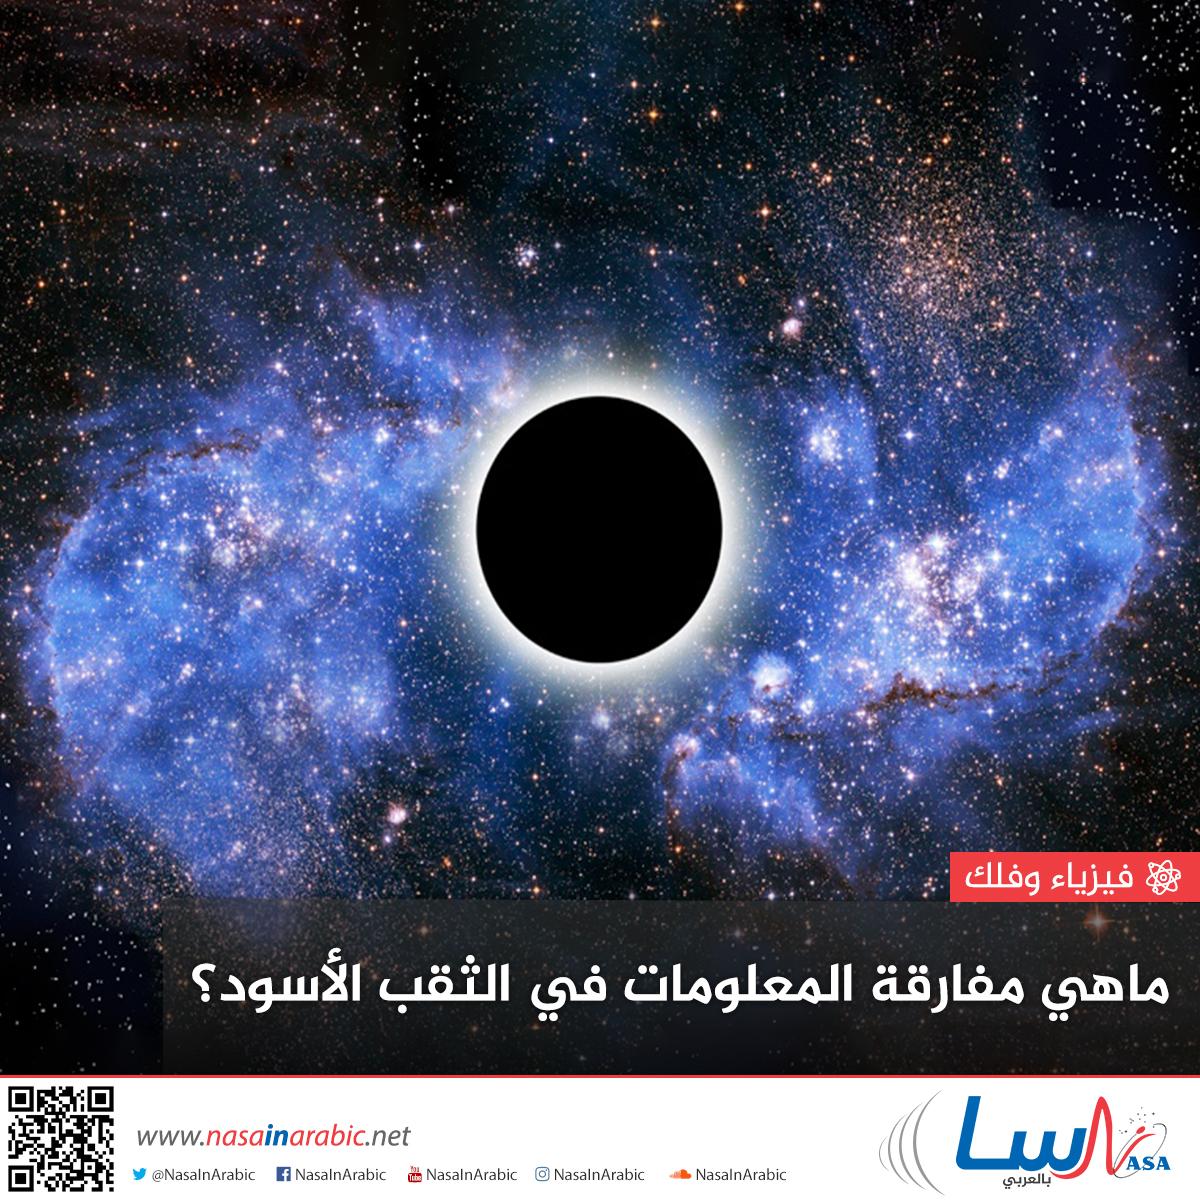 ماهي مفارقة المعلومات في الثقب الأسود؟